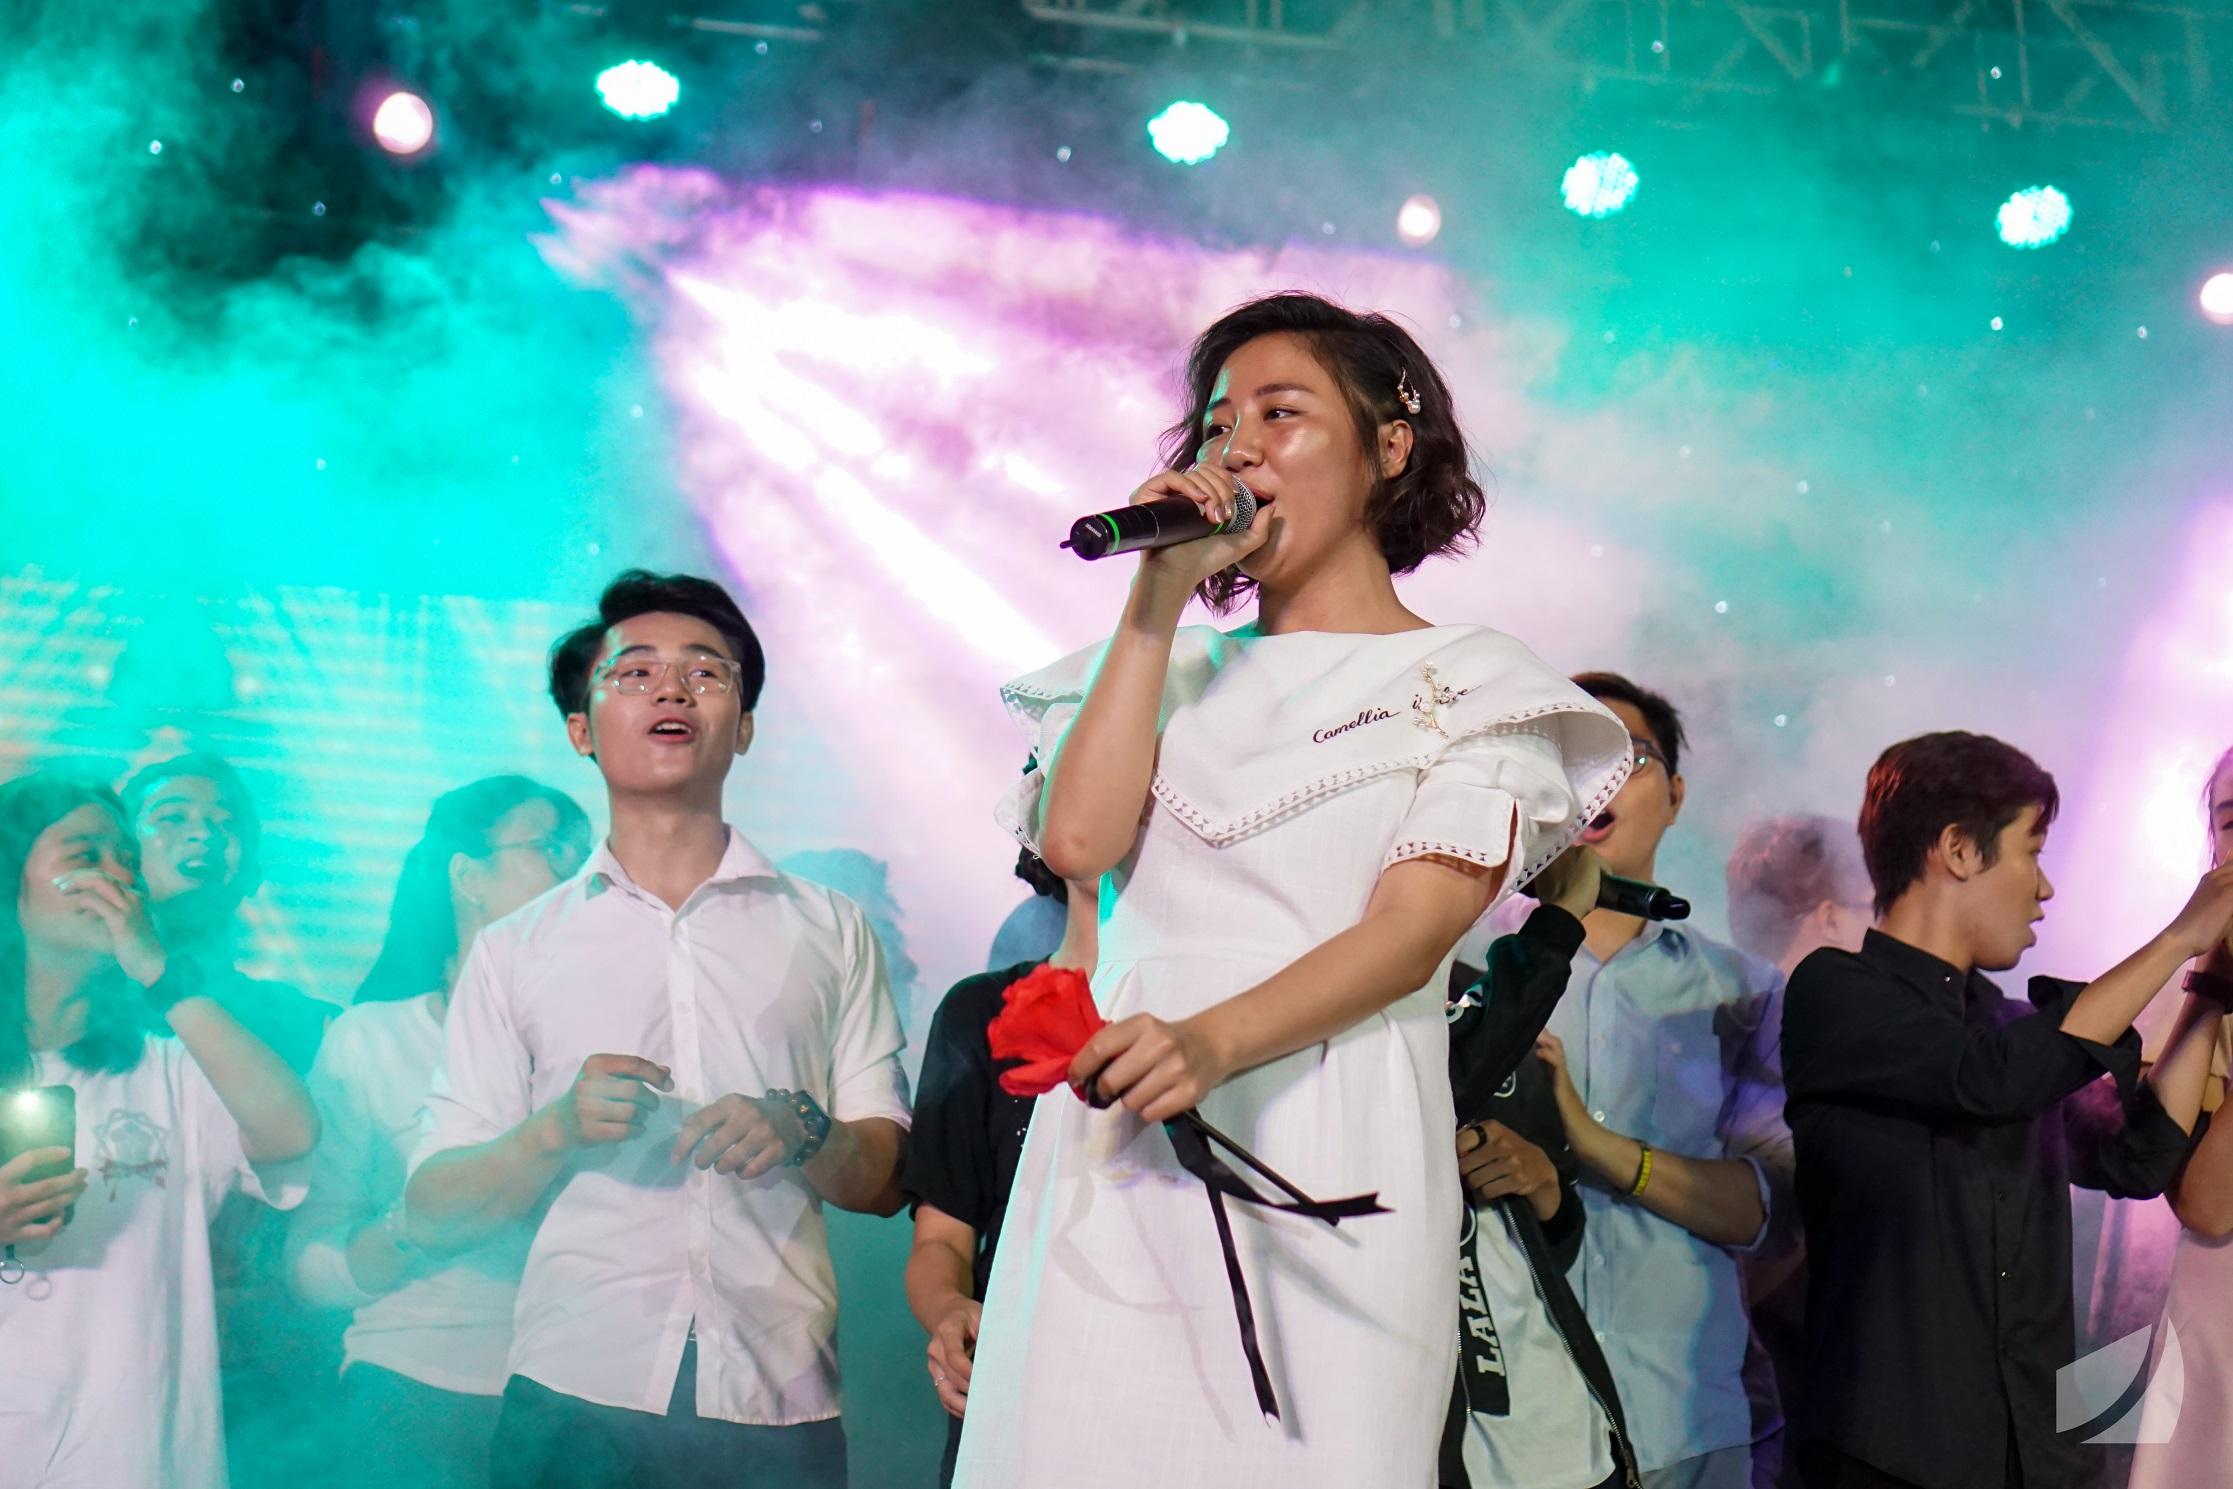 Ca sĩ Văn Mai Hương cùng các bạn sinh viên